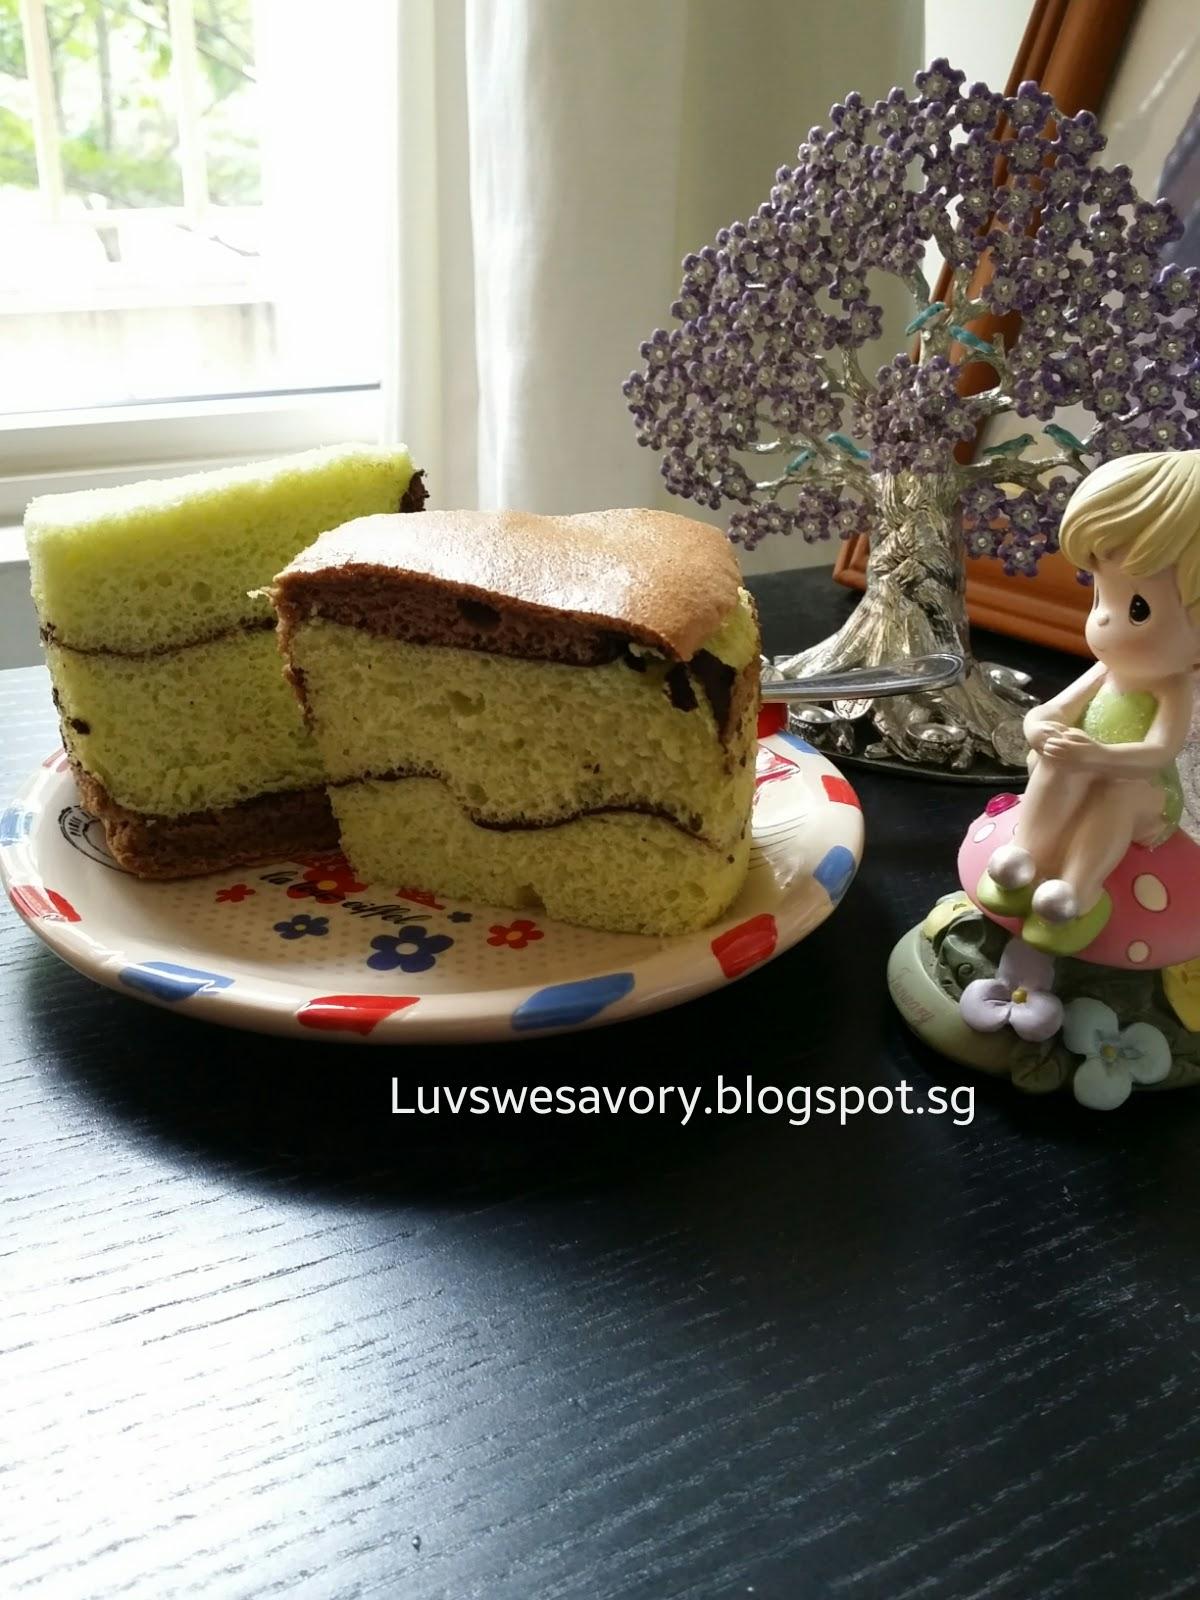 Domestic Goddess Chocolate Chiffon Cake